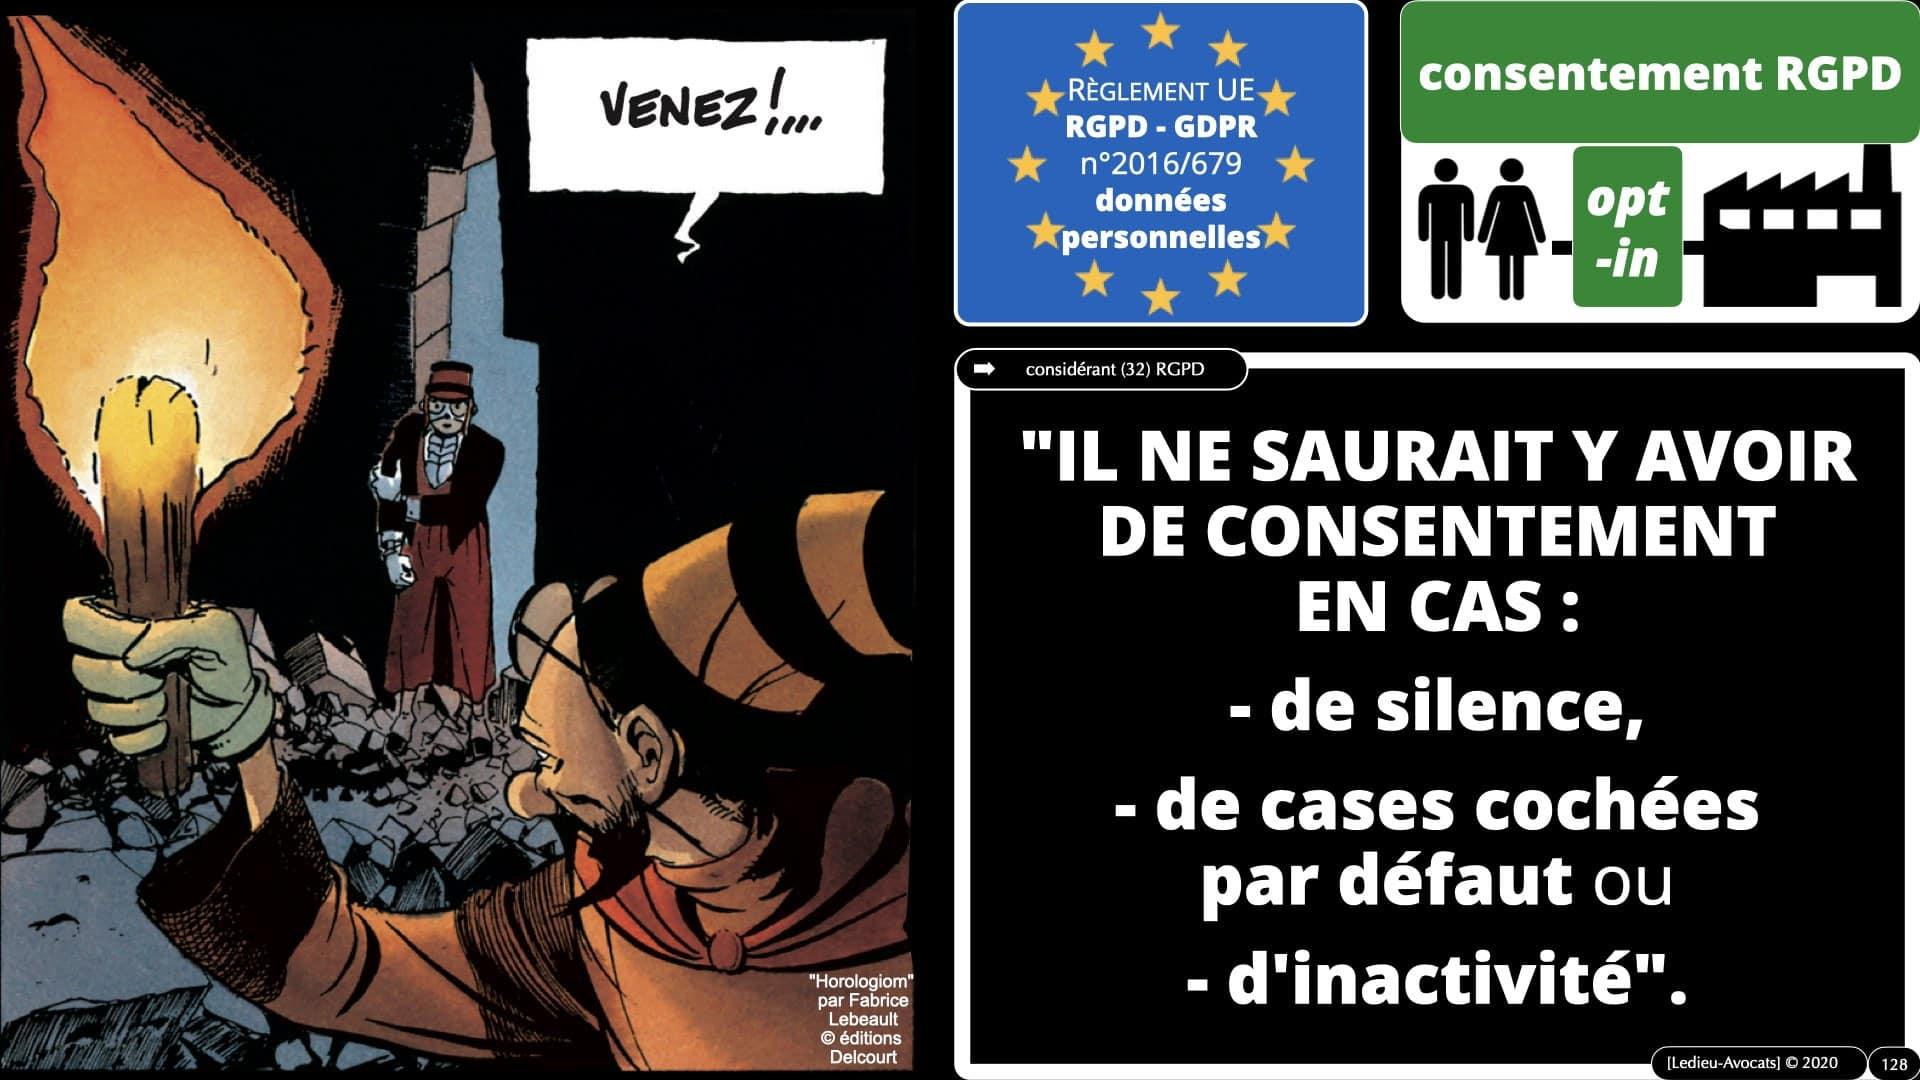 RGPD e-Privacy données personnelles jurisprudence formation Lamy Les Echos 10-02-2021 ©Ledieu-Avocats.128